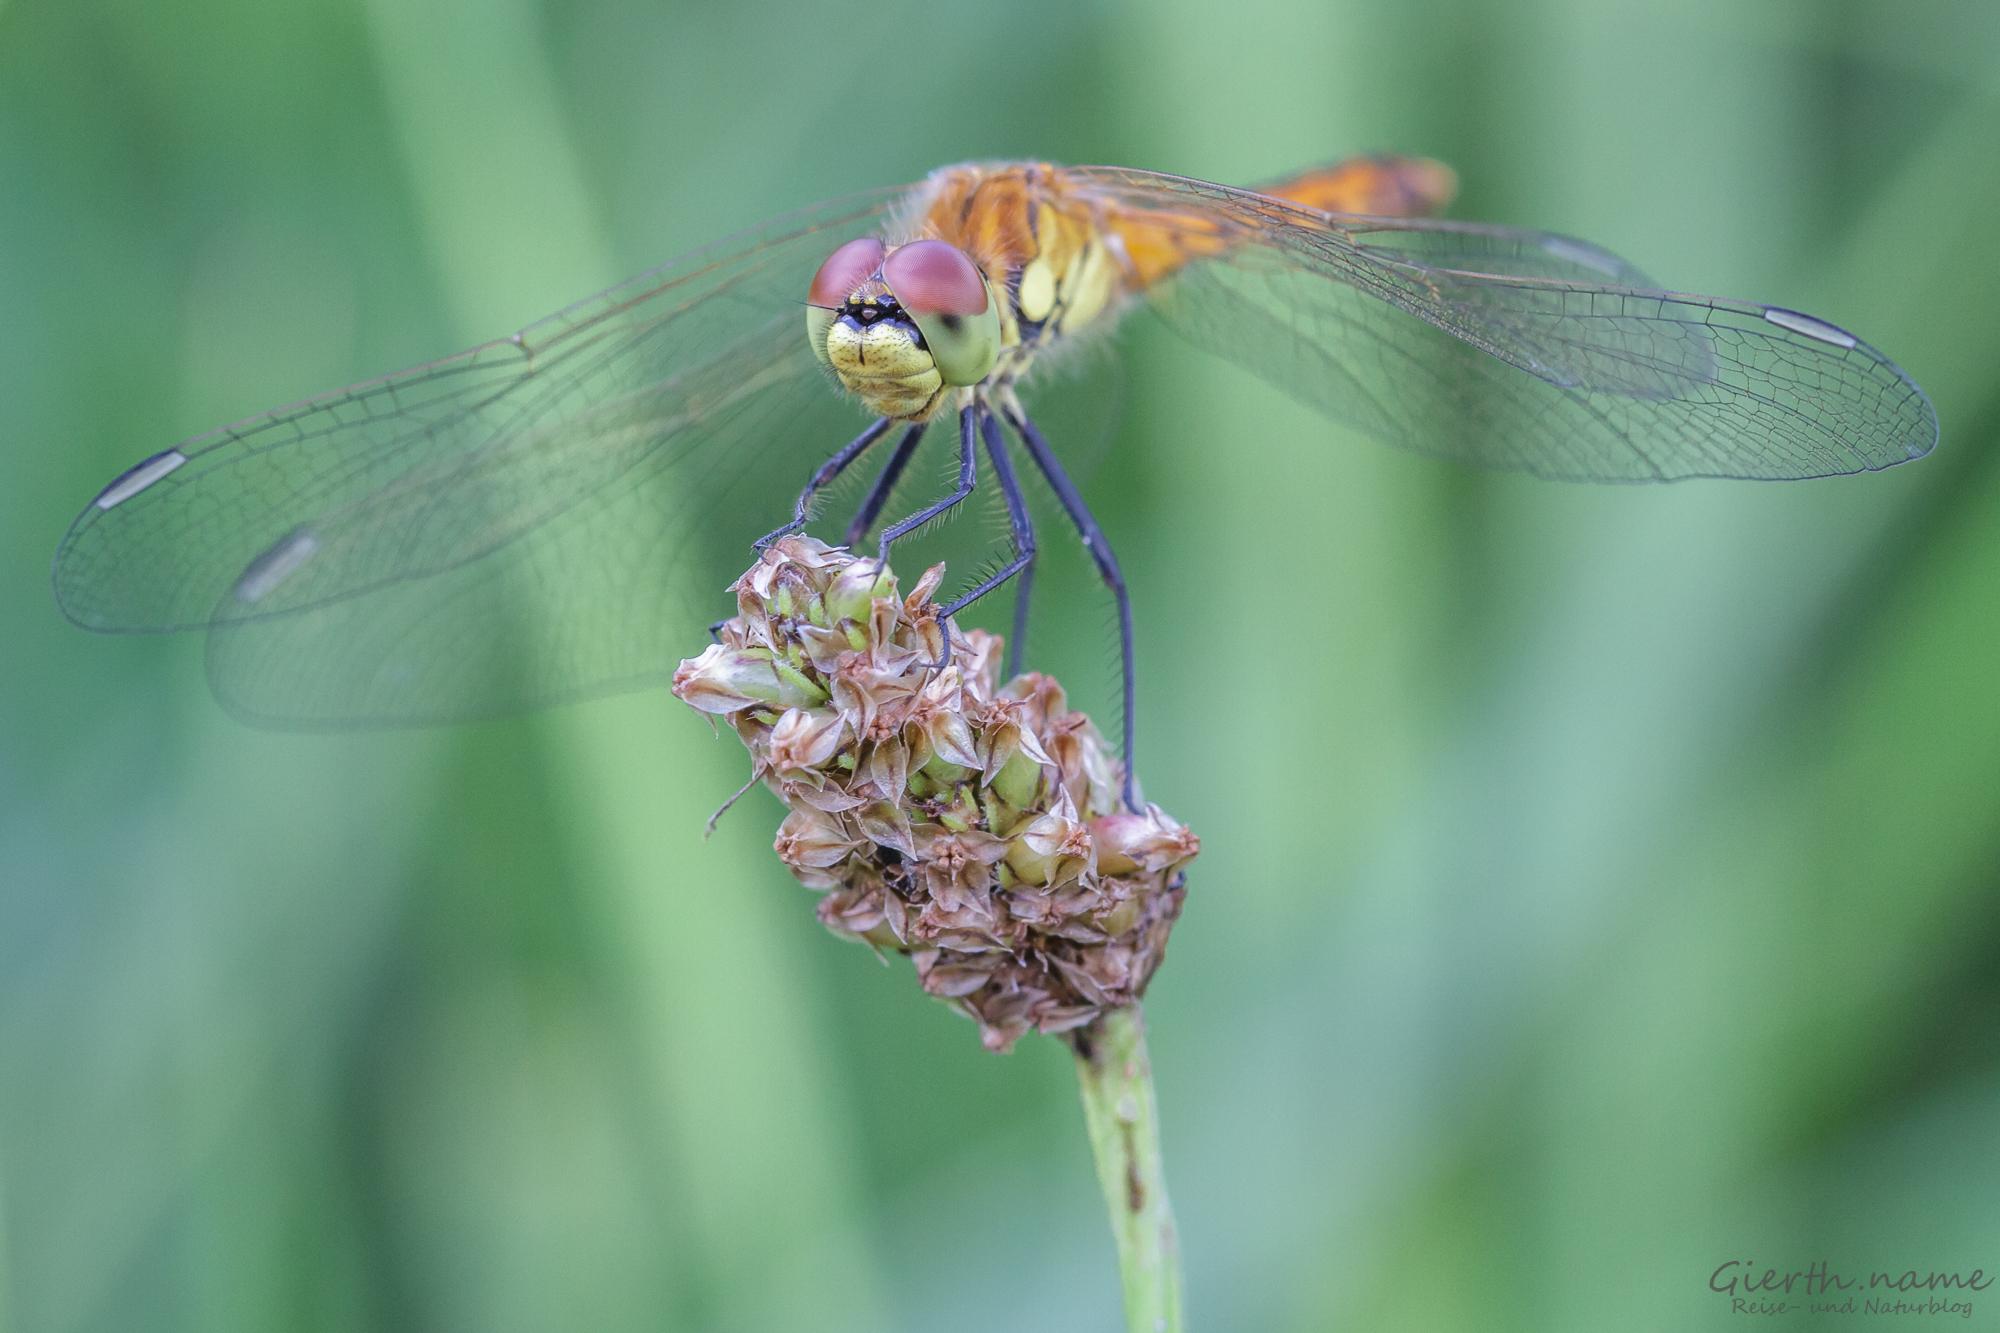 Sympetrum depressiusculum - Sumpf-Heidelibelle